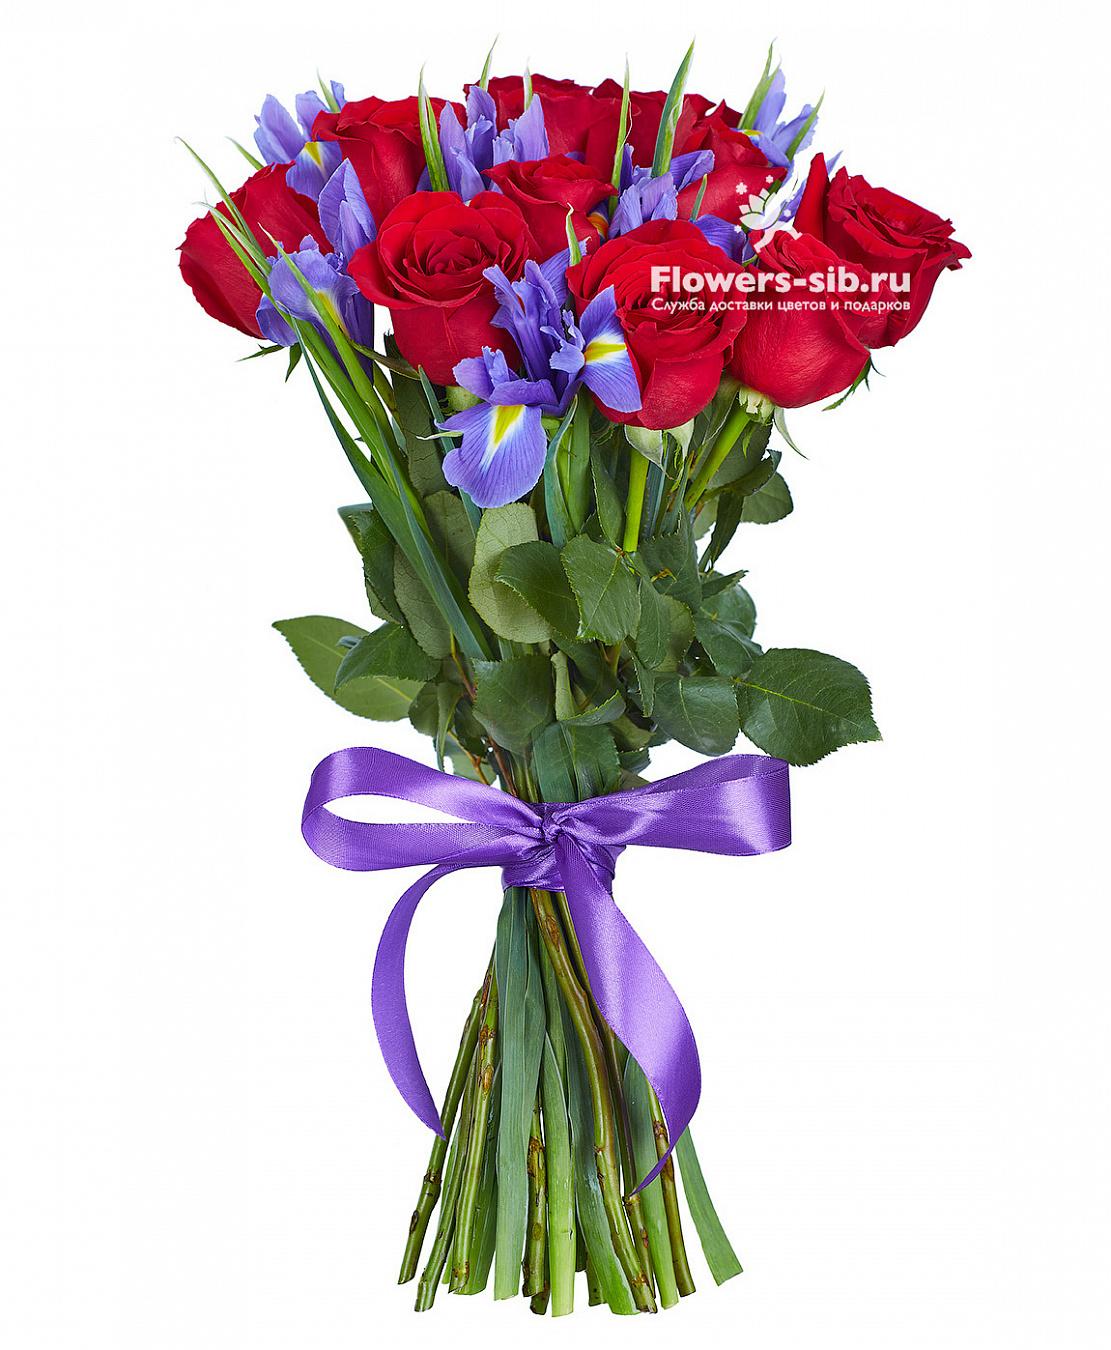 Заказ цветов в раменском с доставкой цена, цветы хризантемы букеты фото с тюльпанами